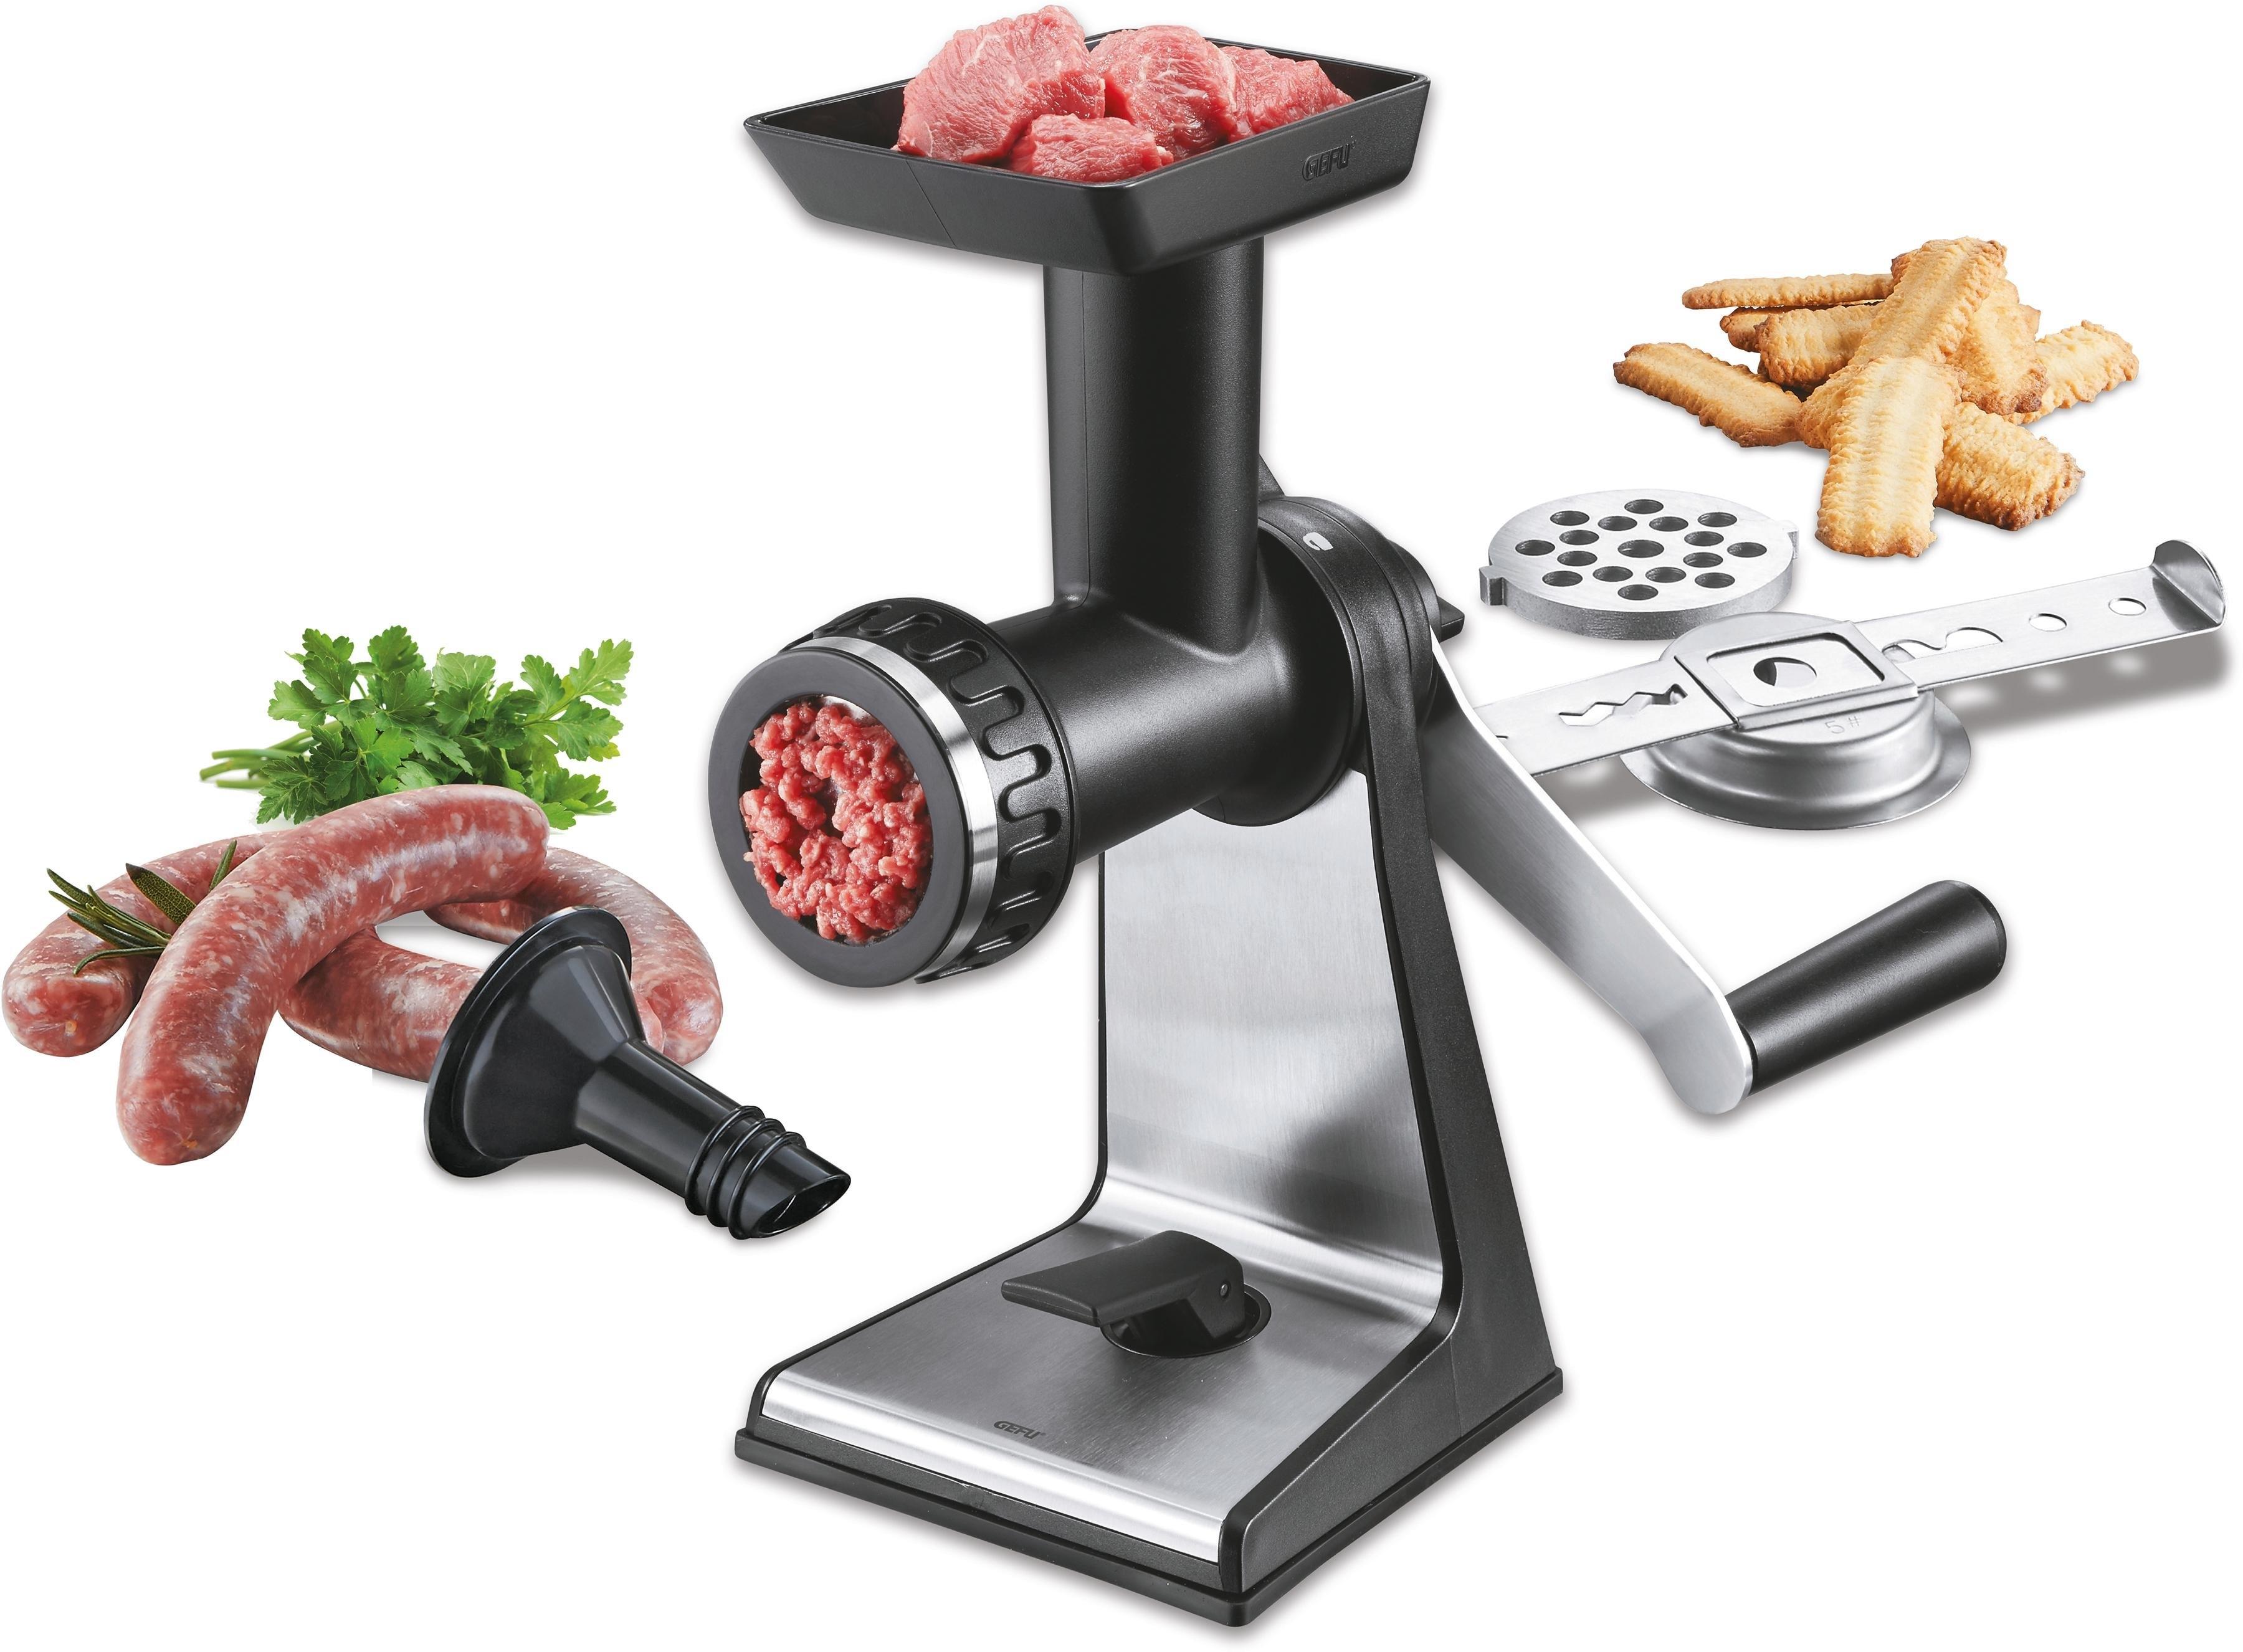 GEFU vleesmolen, edelstaal/hoogwaardige kunststof, »TRANSFORMA®« - verschillende betaalmethodes